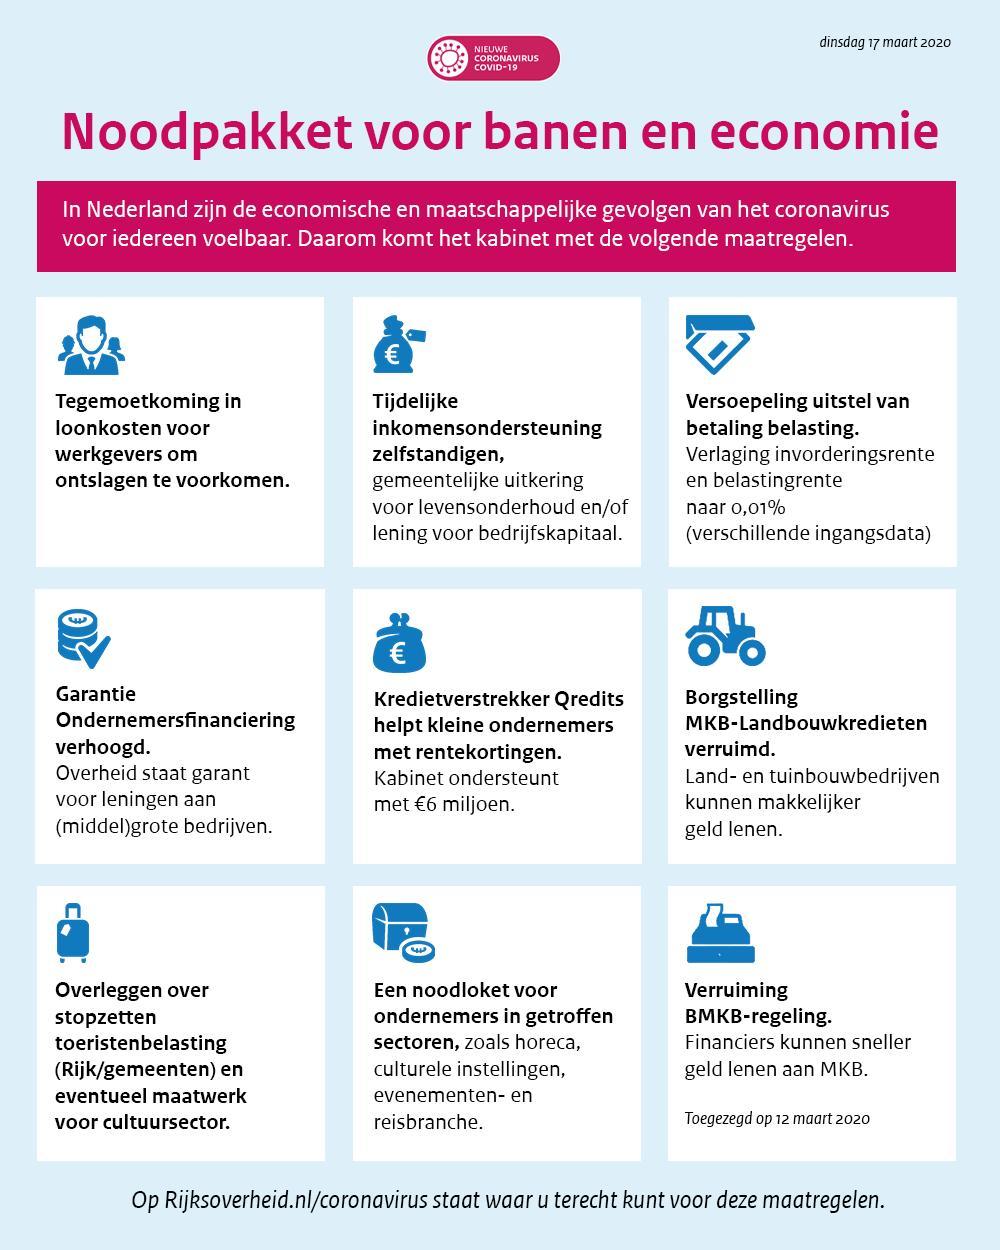 Noodpakket banen en economie